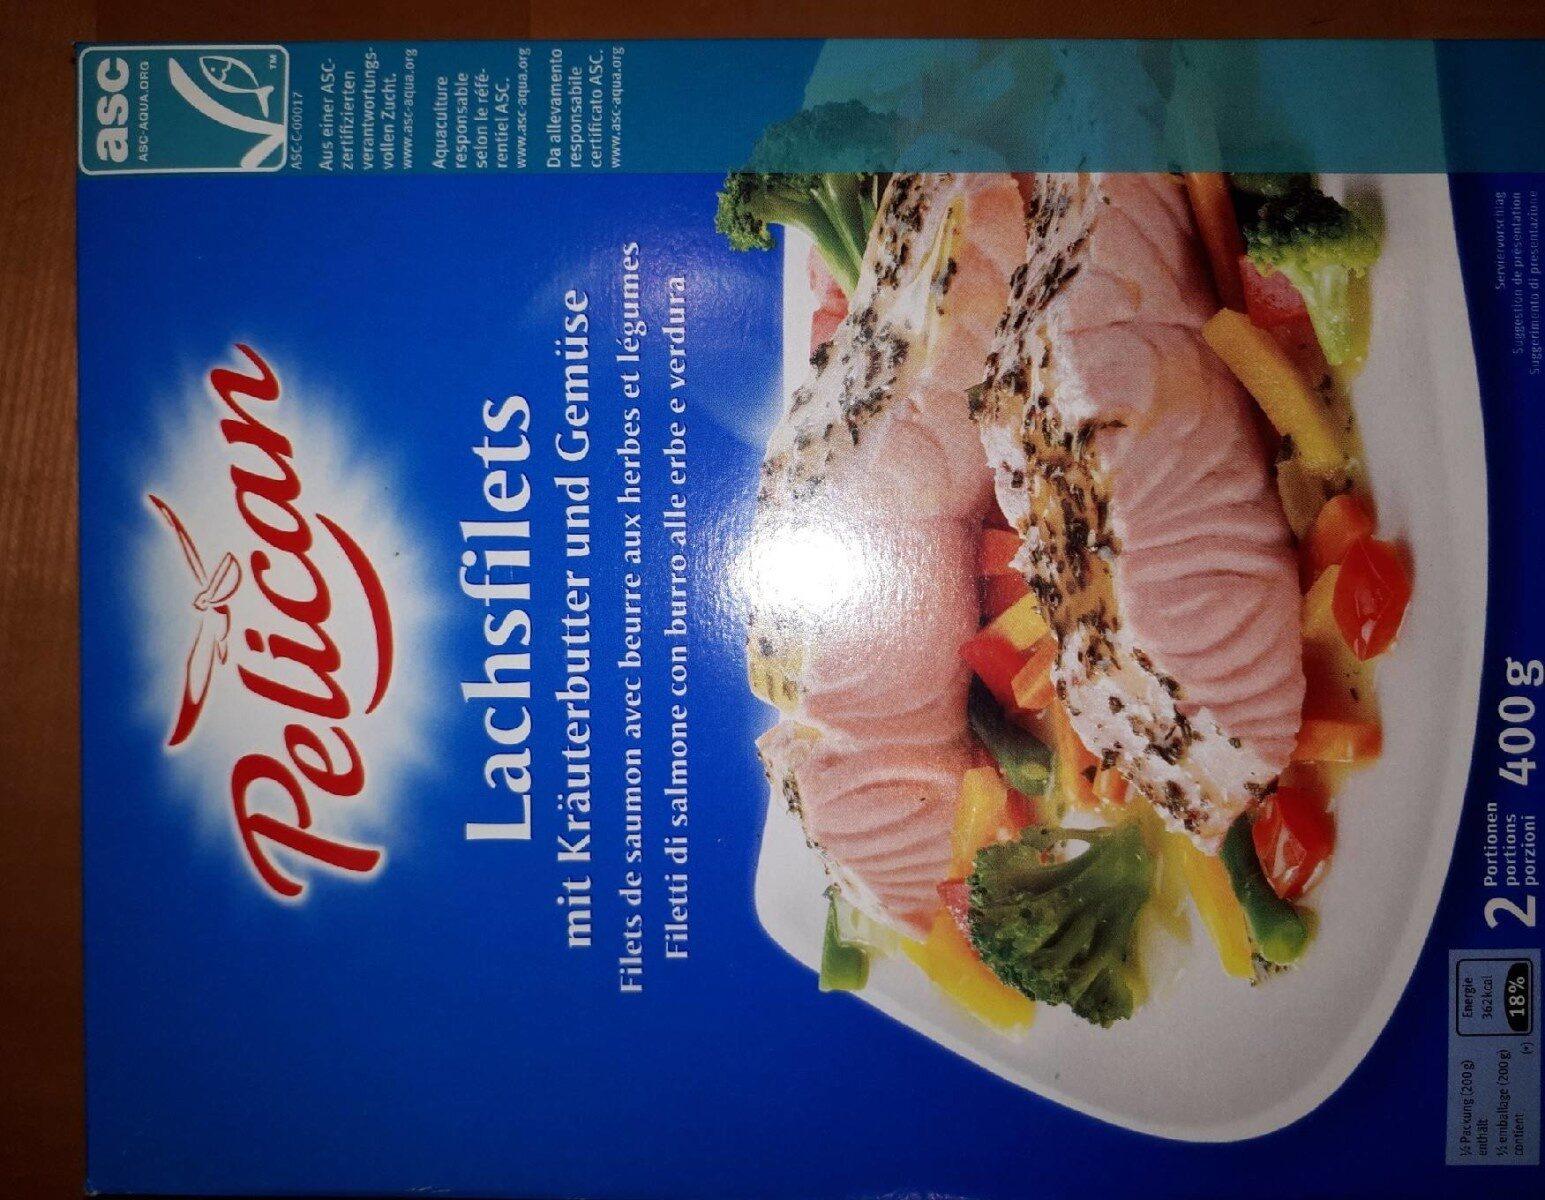 Filet de saumon avec beurre aux herbes et légumes - Product